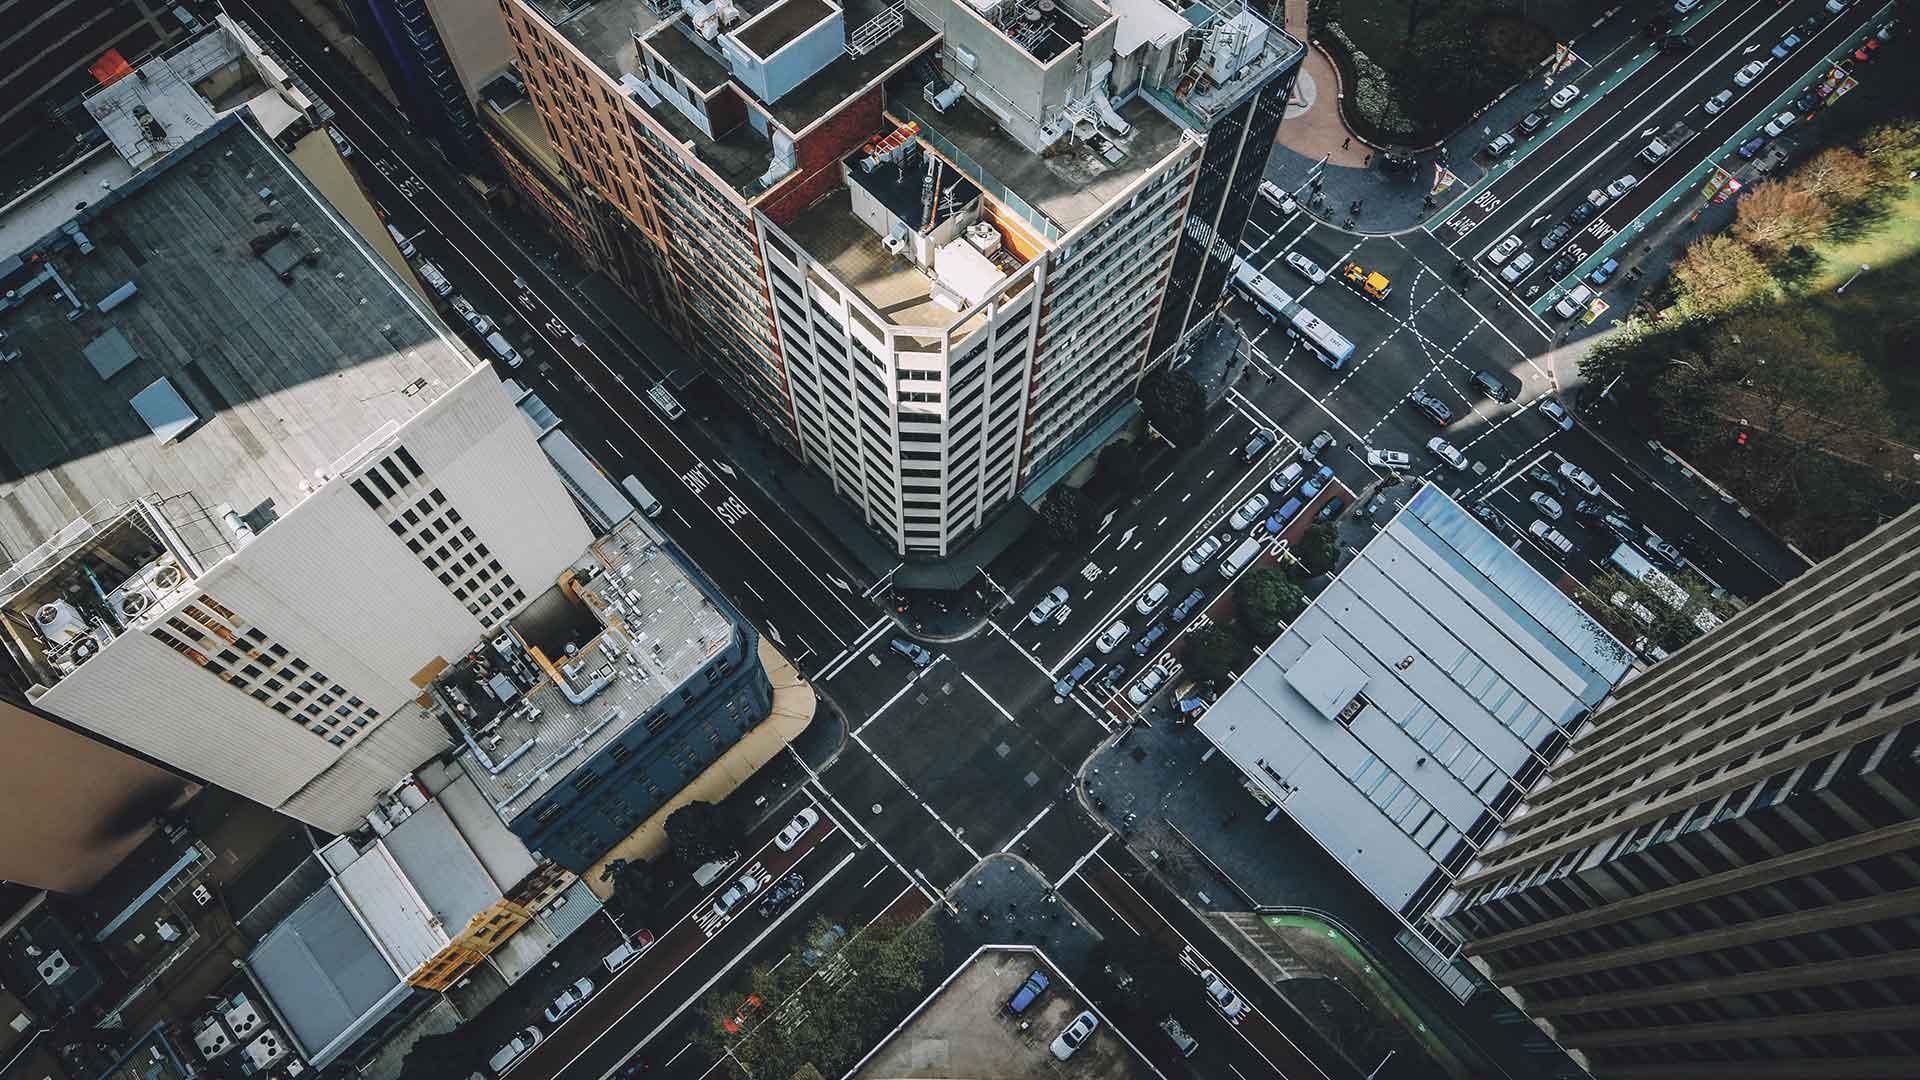 vogelperspectief van autowegen en flatgebouwen